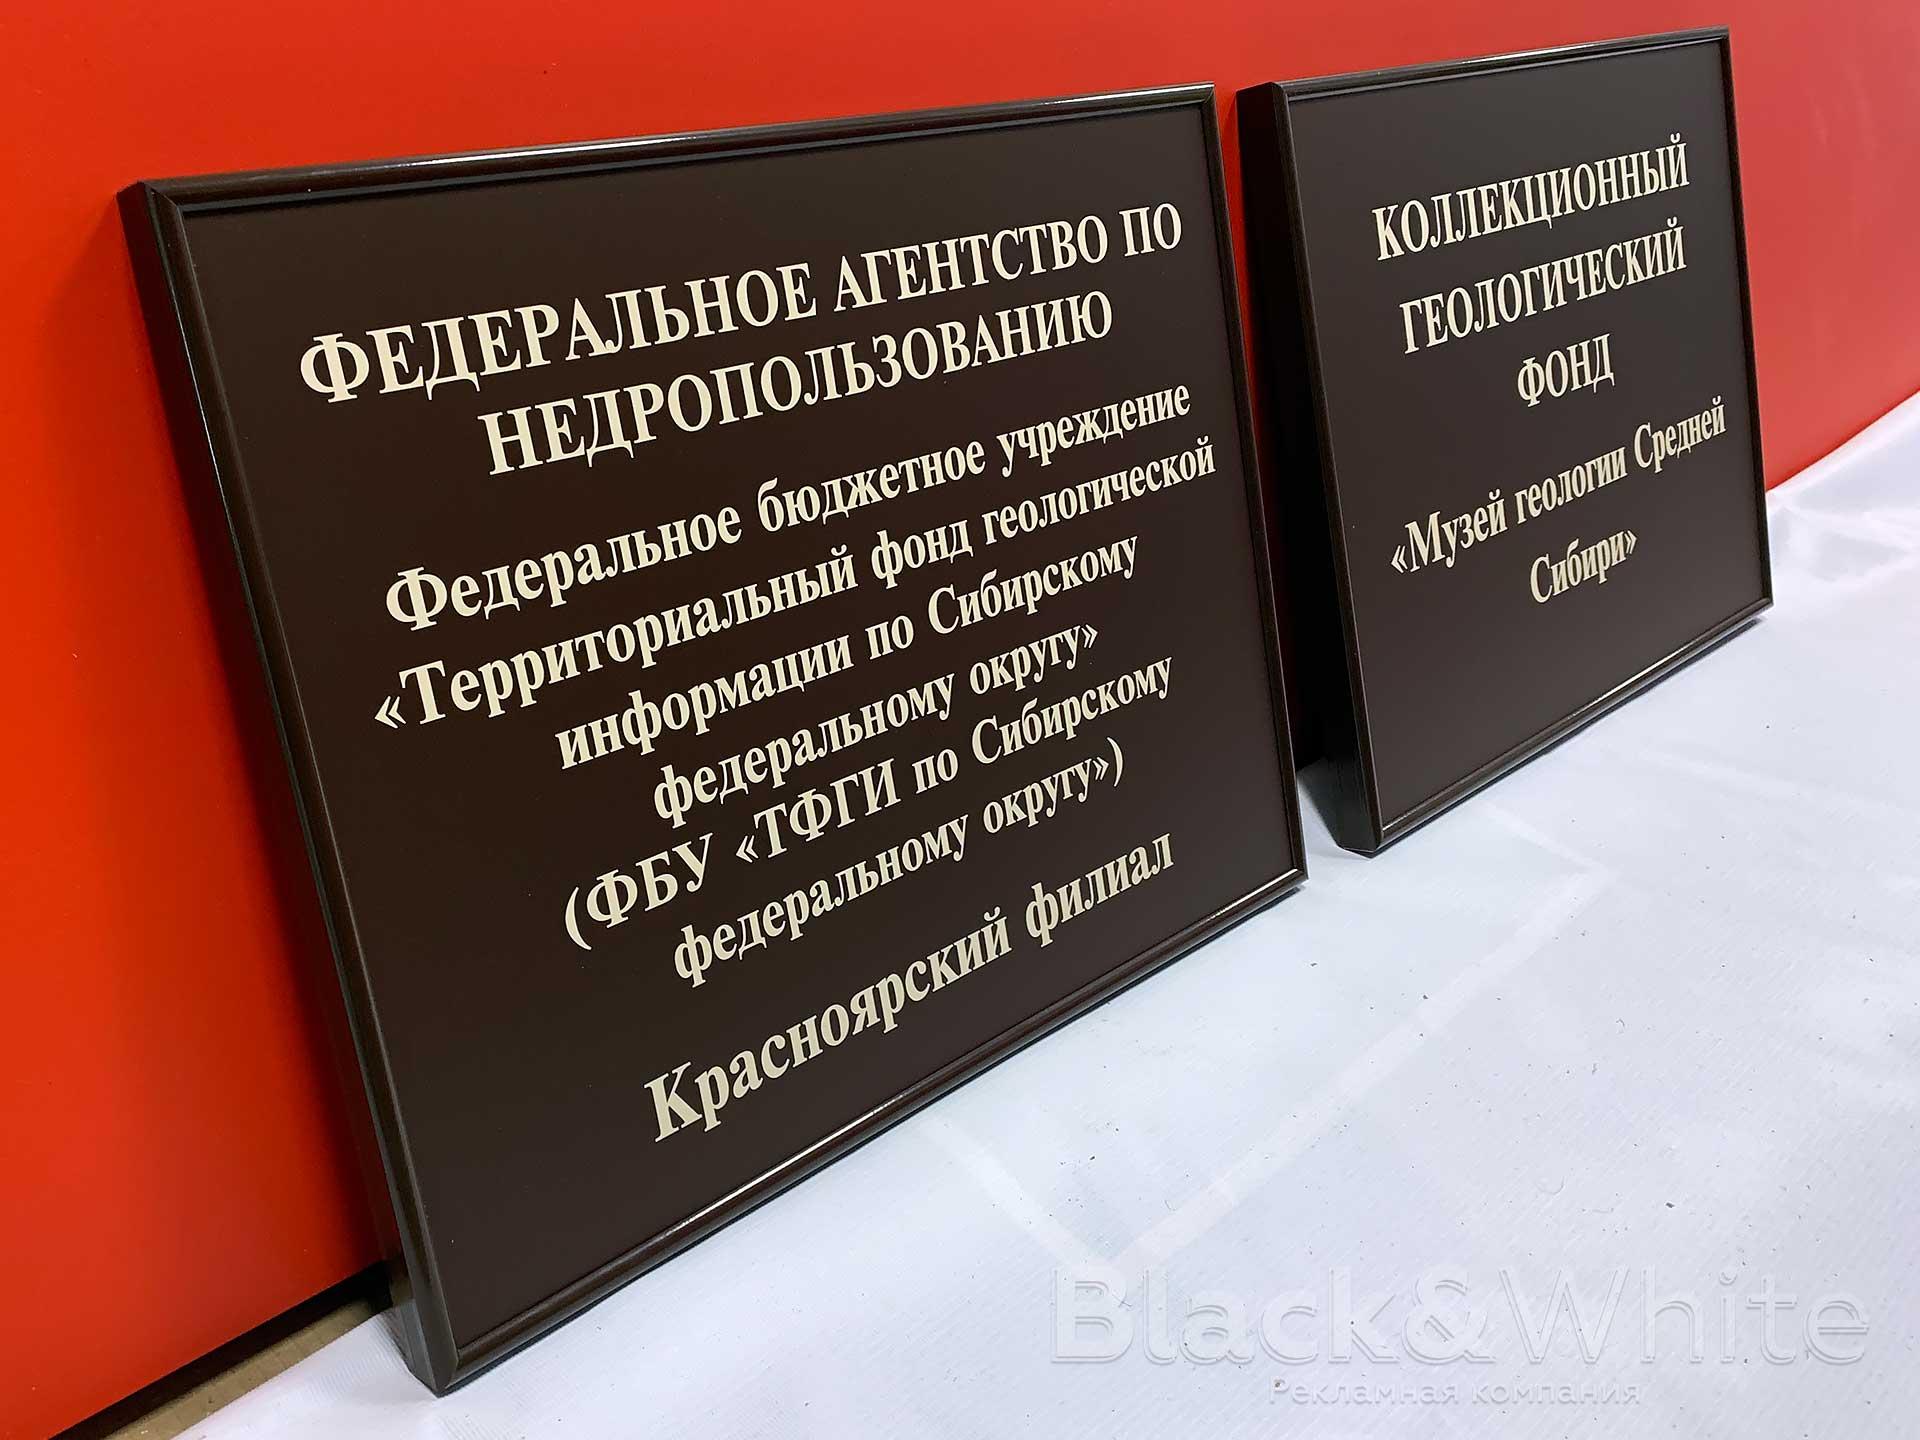 Фасадная-табличка-для-музея-изготовление-фасадных-табличек-в-красноярске-bw..jpg